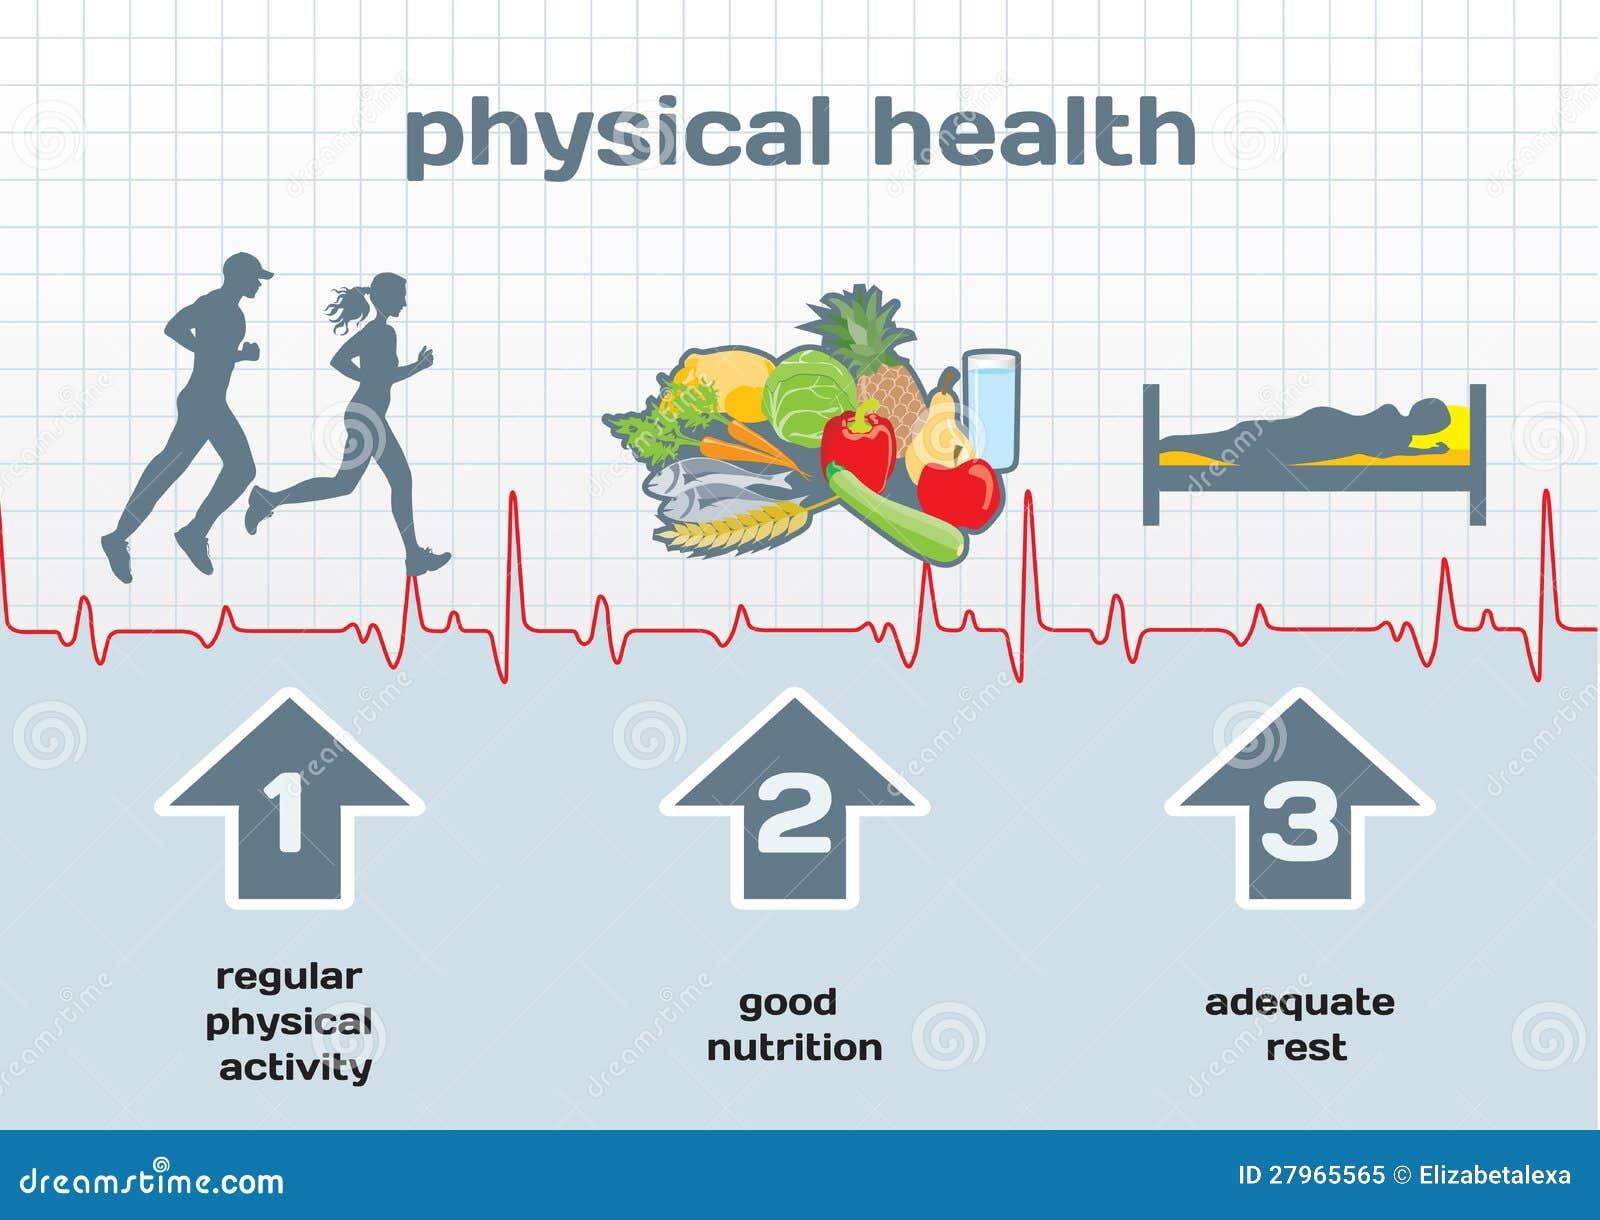 身体健康: 活动,营养,其它